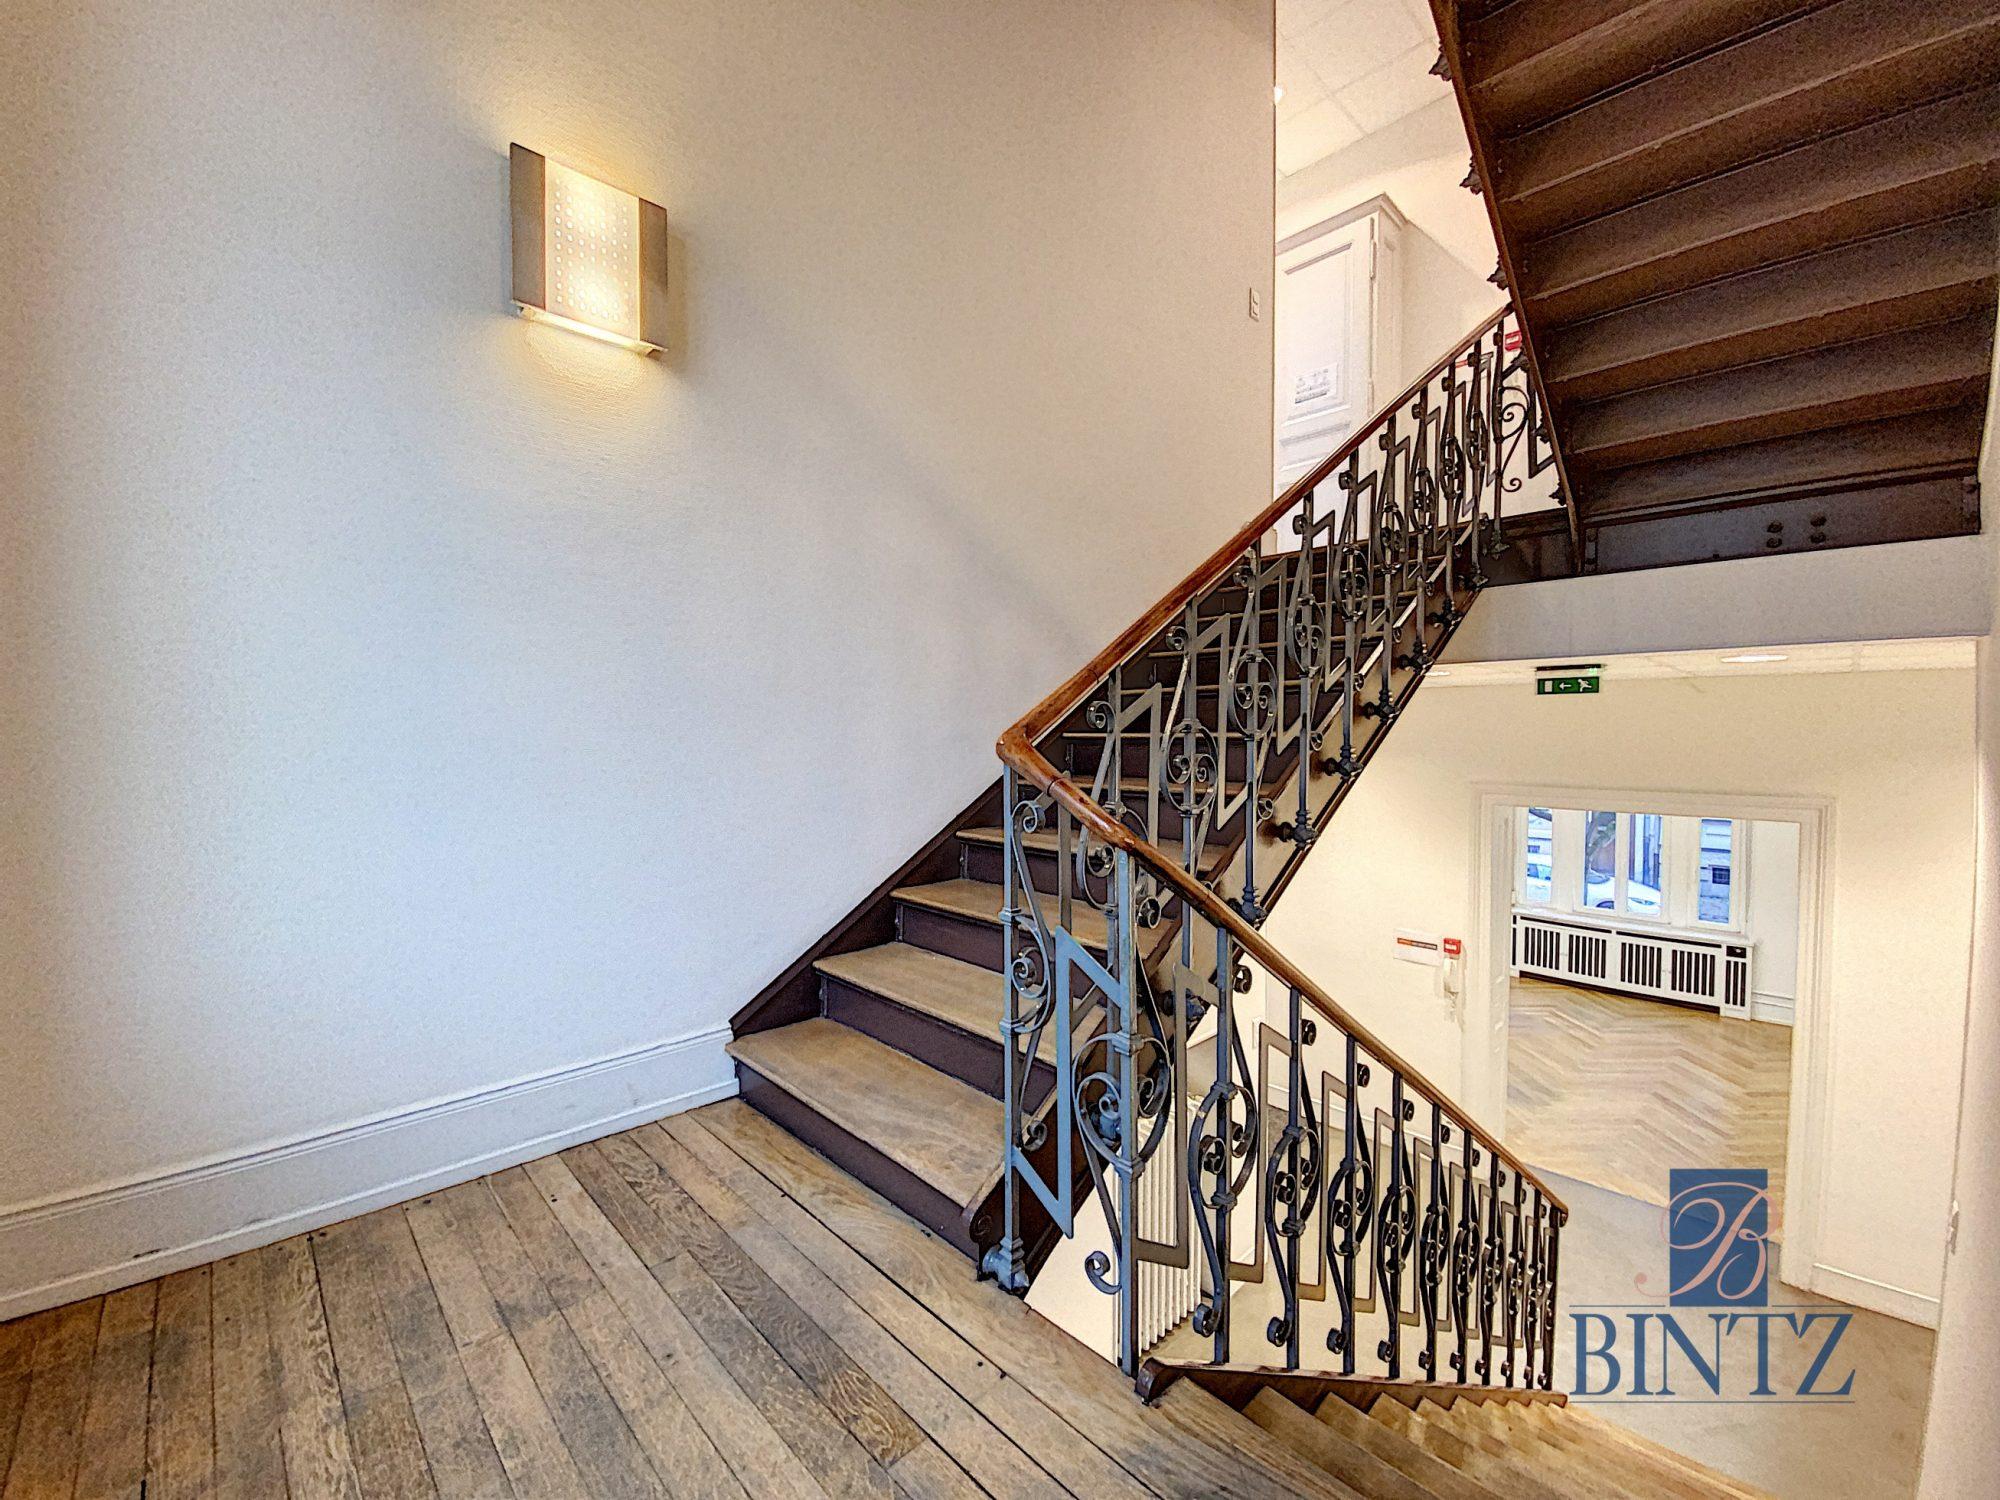 Immeuble de bureaux à louer - Devenez locataire en toute sérénité - Bintz Immobilier - 13